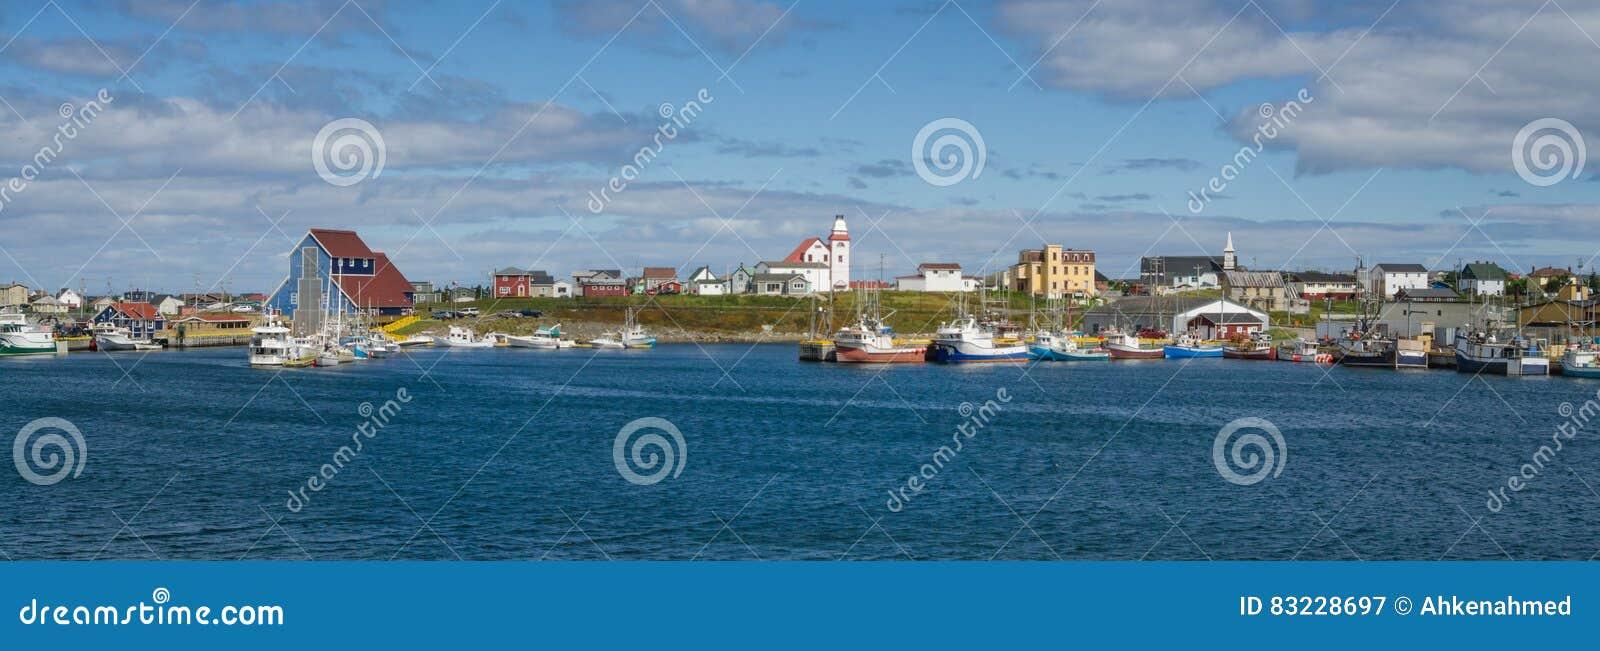 Os cartão de Bonavista, aldeias piscatórias de Terra Nova veem barcos em repouso para o dia na água litoral calma